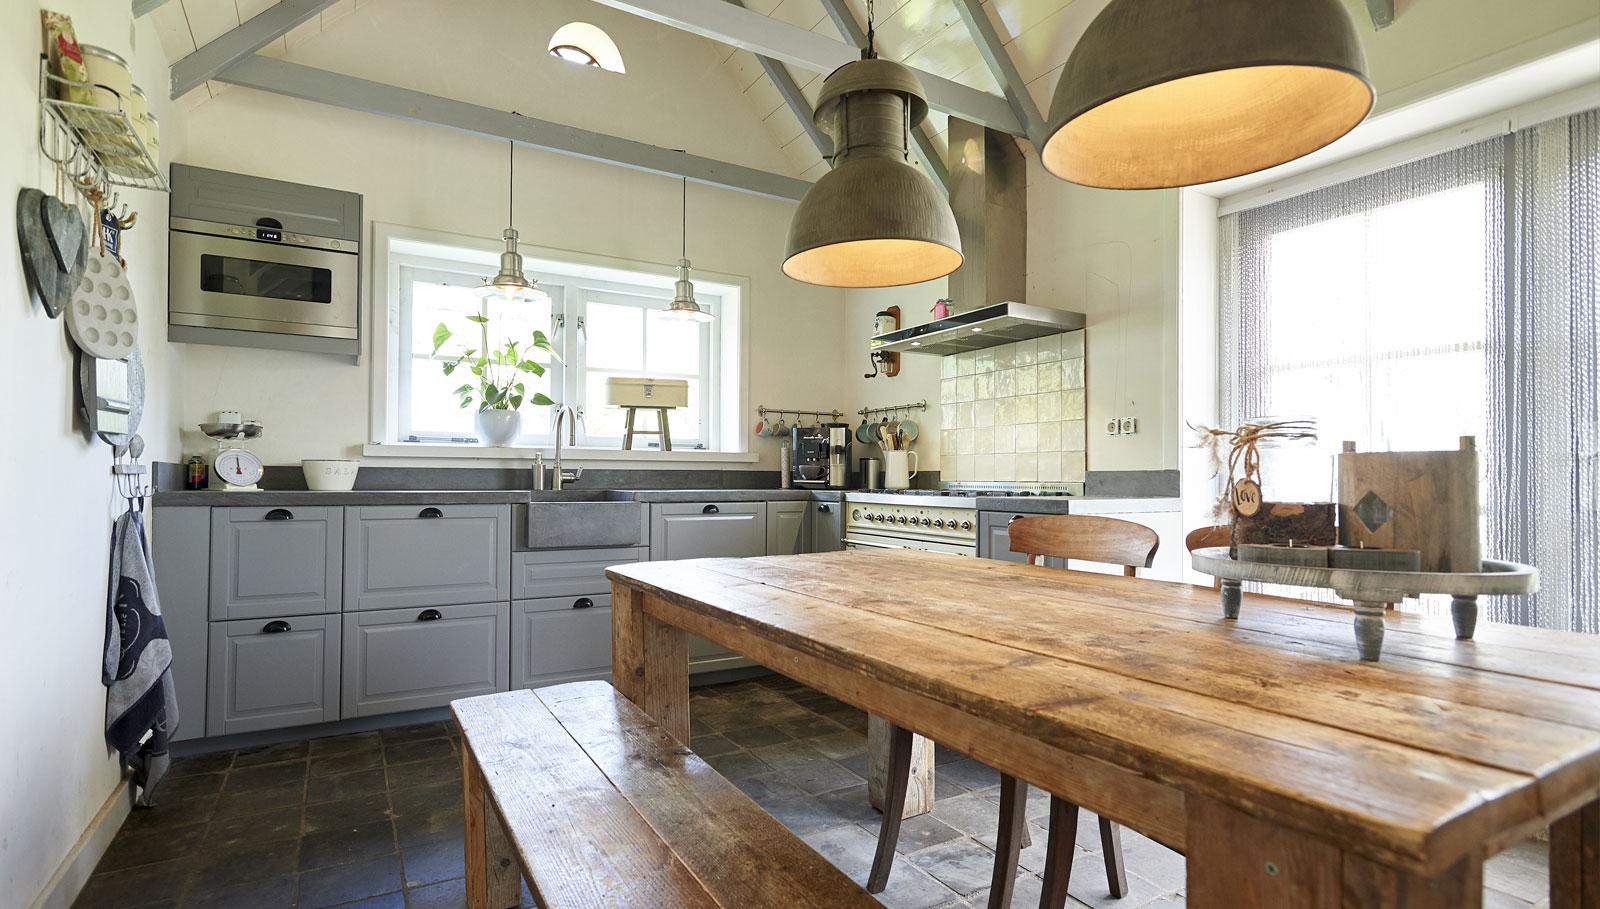 keuken-verbouw-koepad-epe-woonboerderij-bouwbedrijf-sterken-vaassen-2